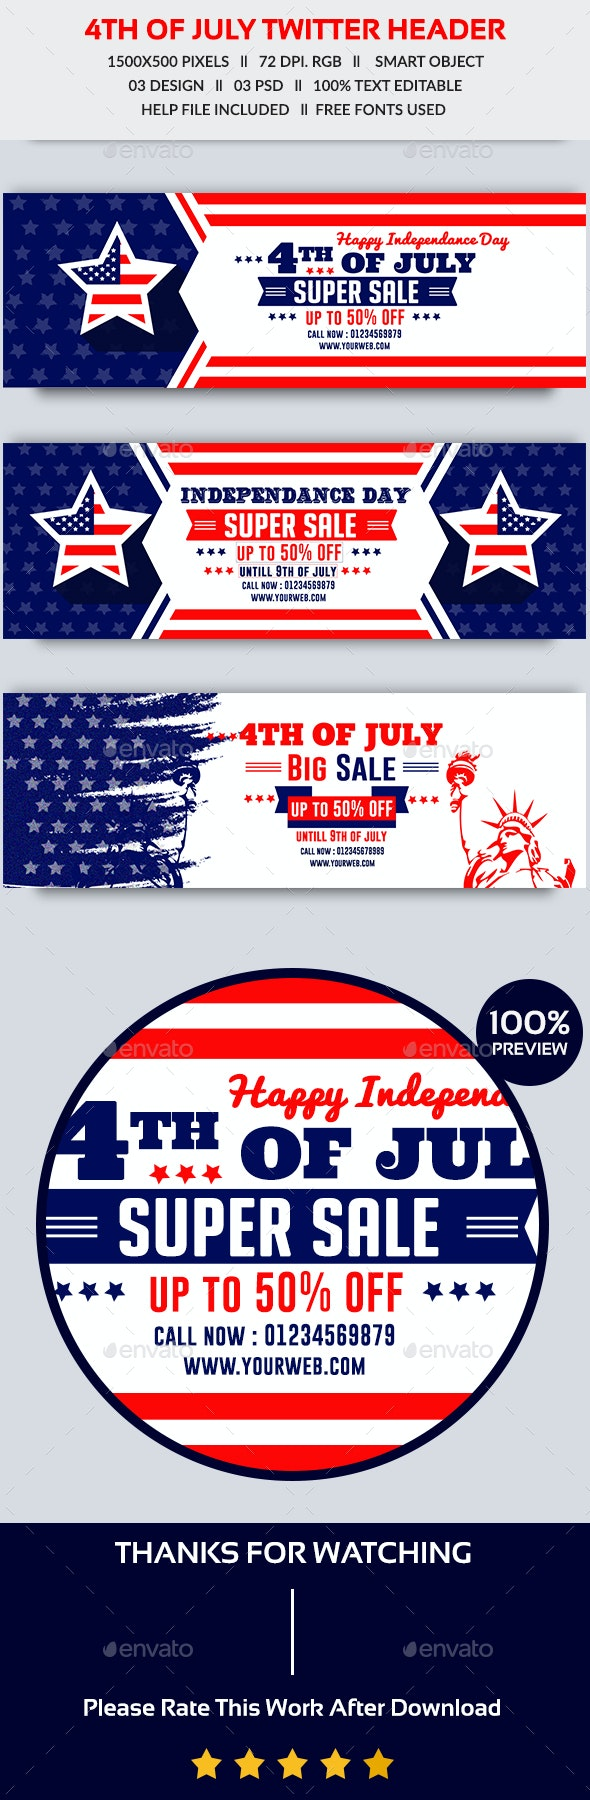 4th of July Twitter Header - Twitter Social Media